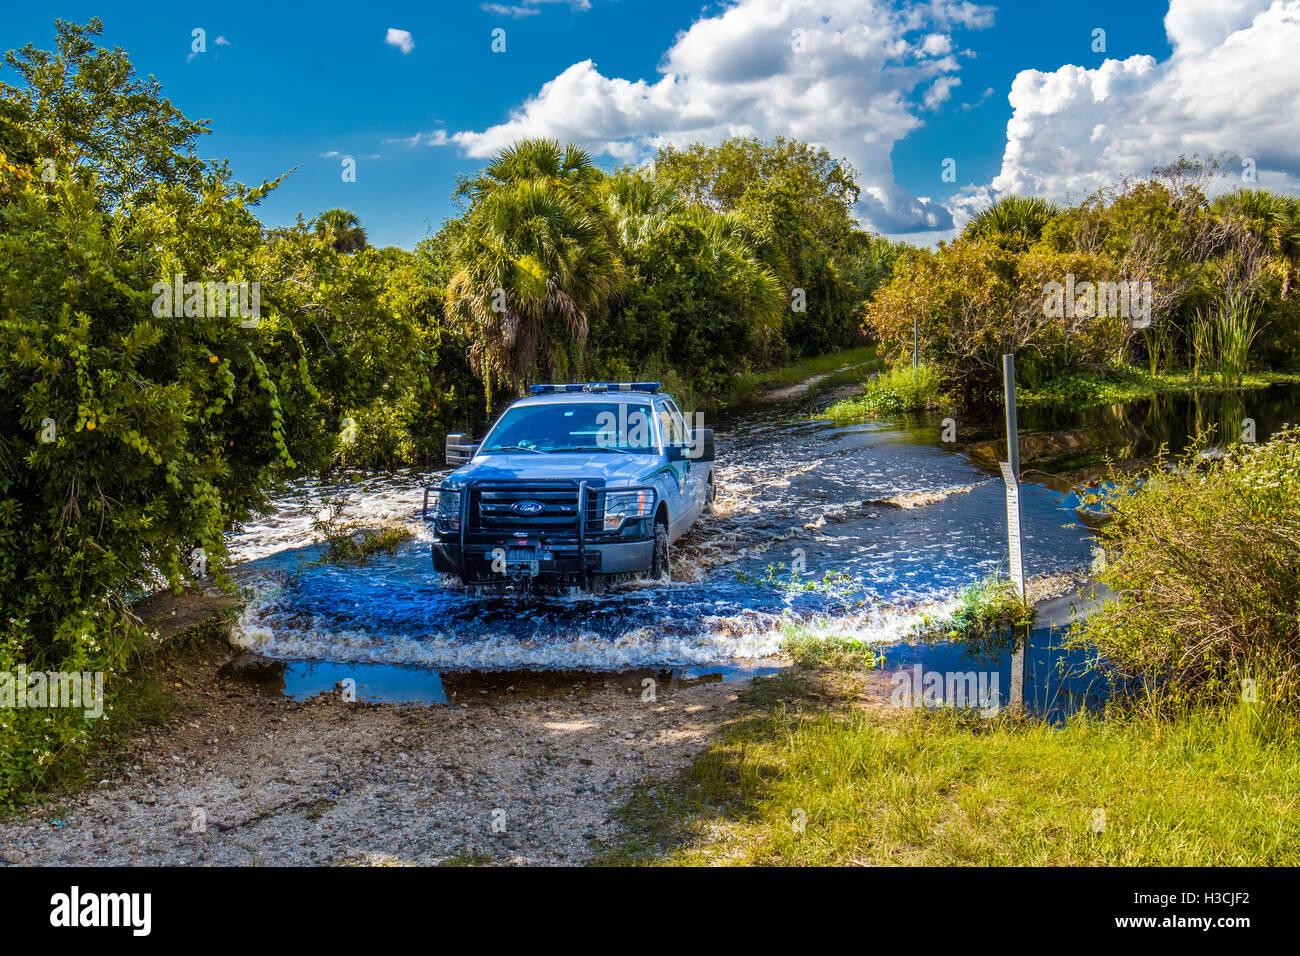 Cruce de camiones Ranger creek Deer Creek Preserve la pradera Florida en Venecia. Foto de stock